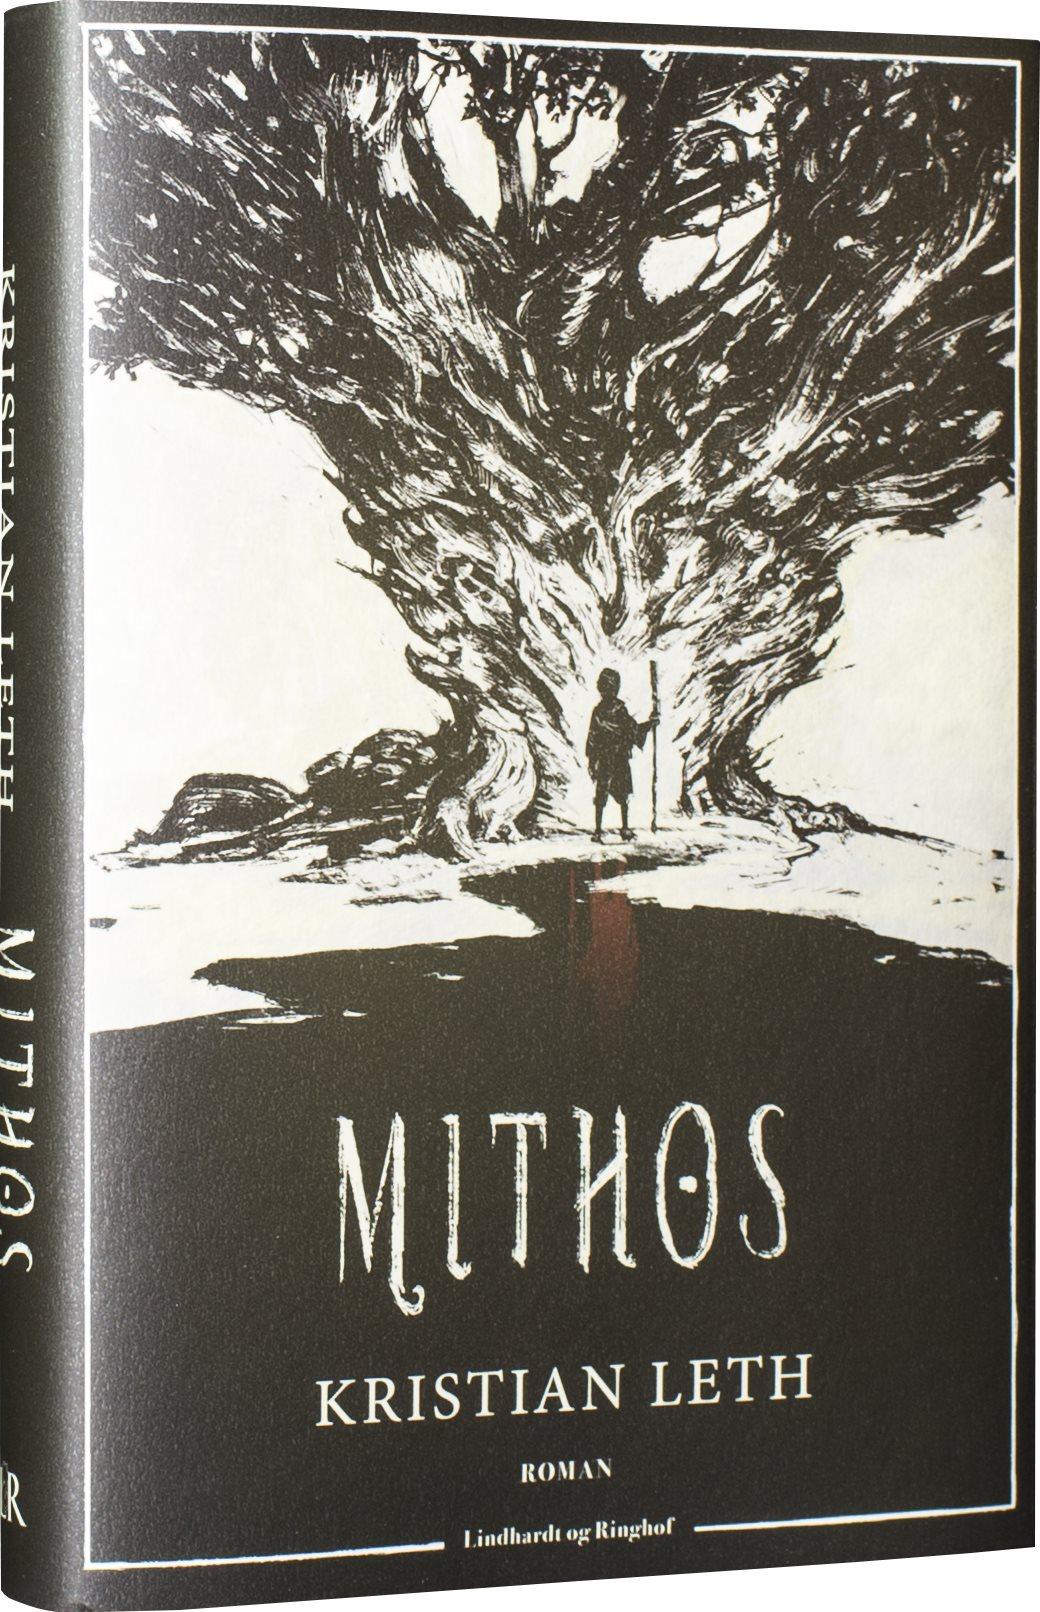 Mithos, fantasy, Kristian Leth